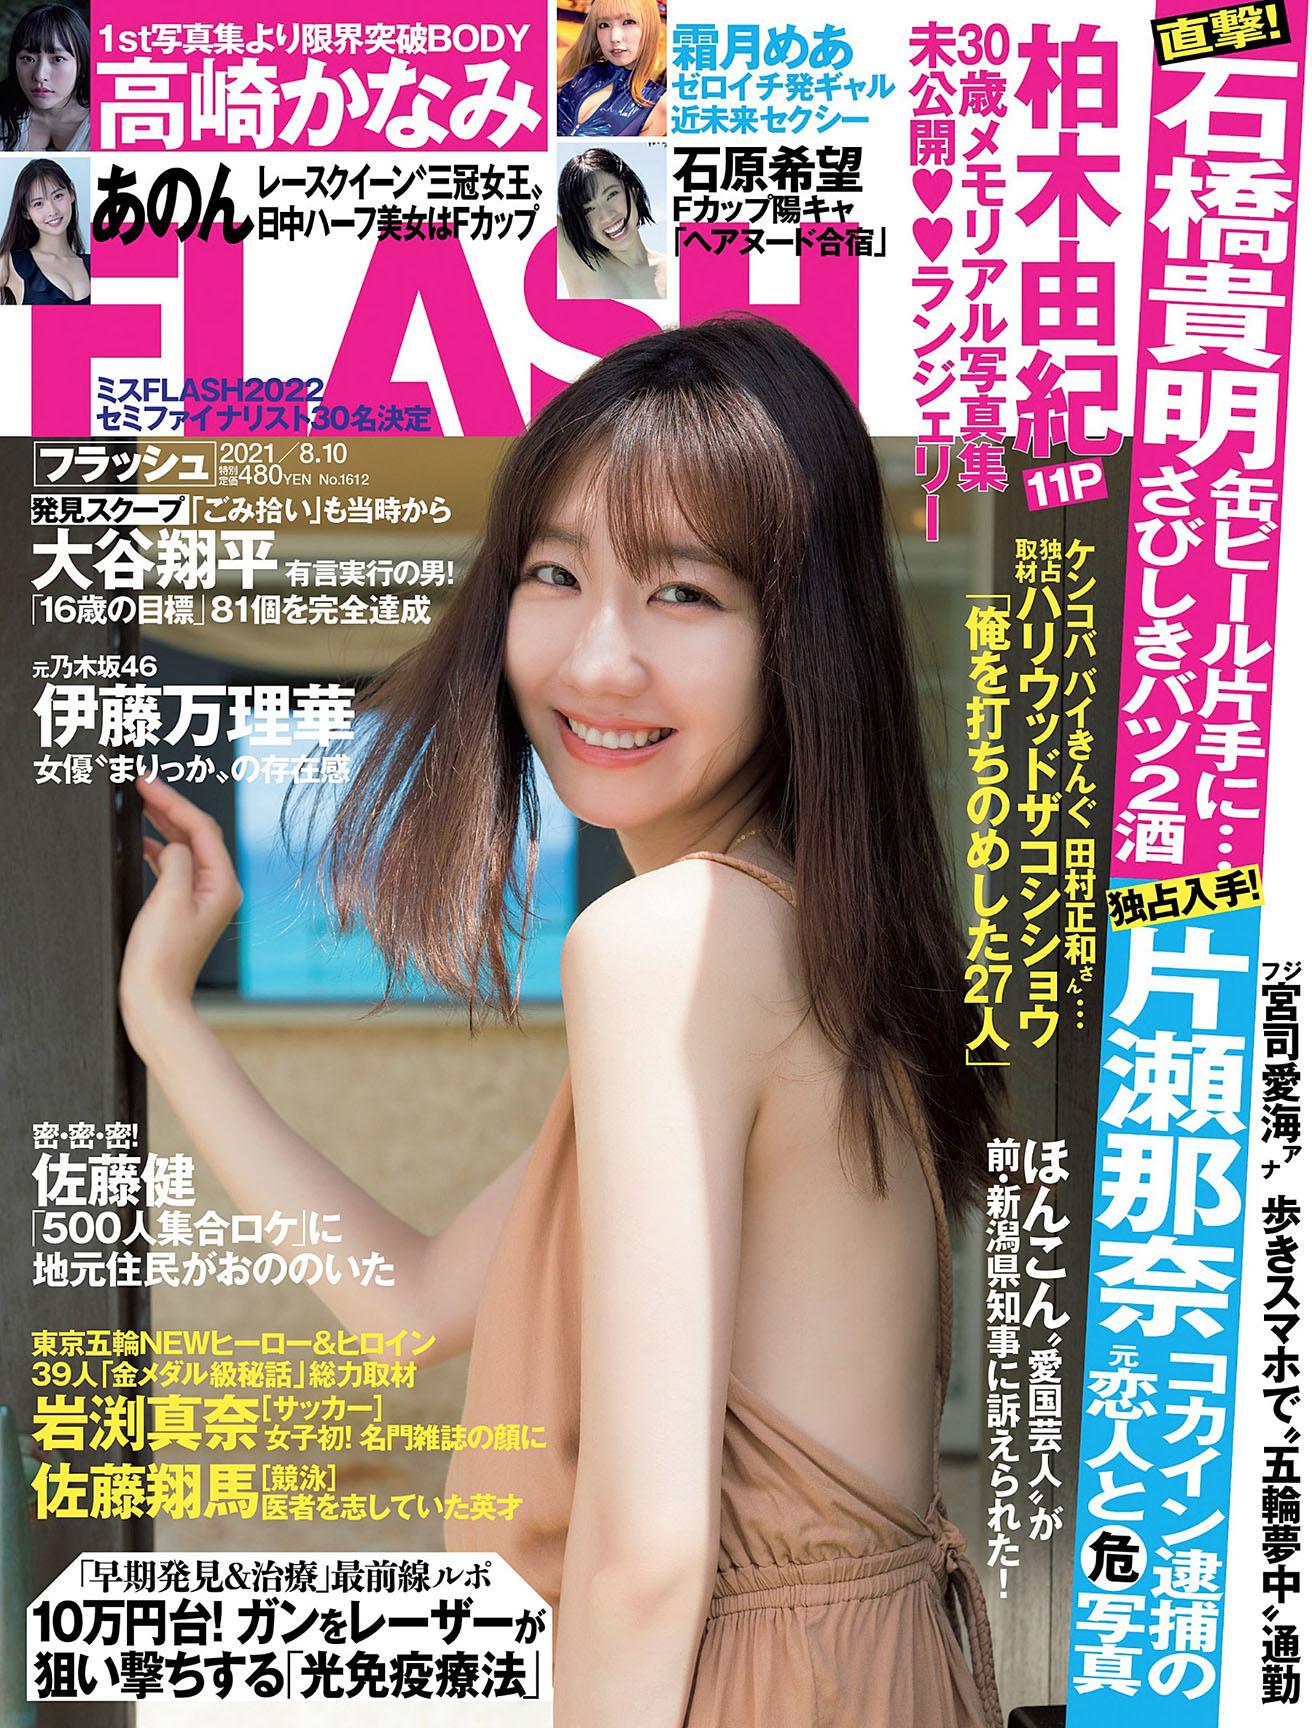 YKashiwagi Flash 210810 01.jpg